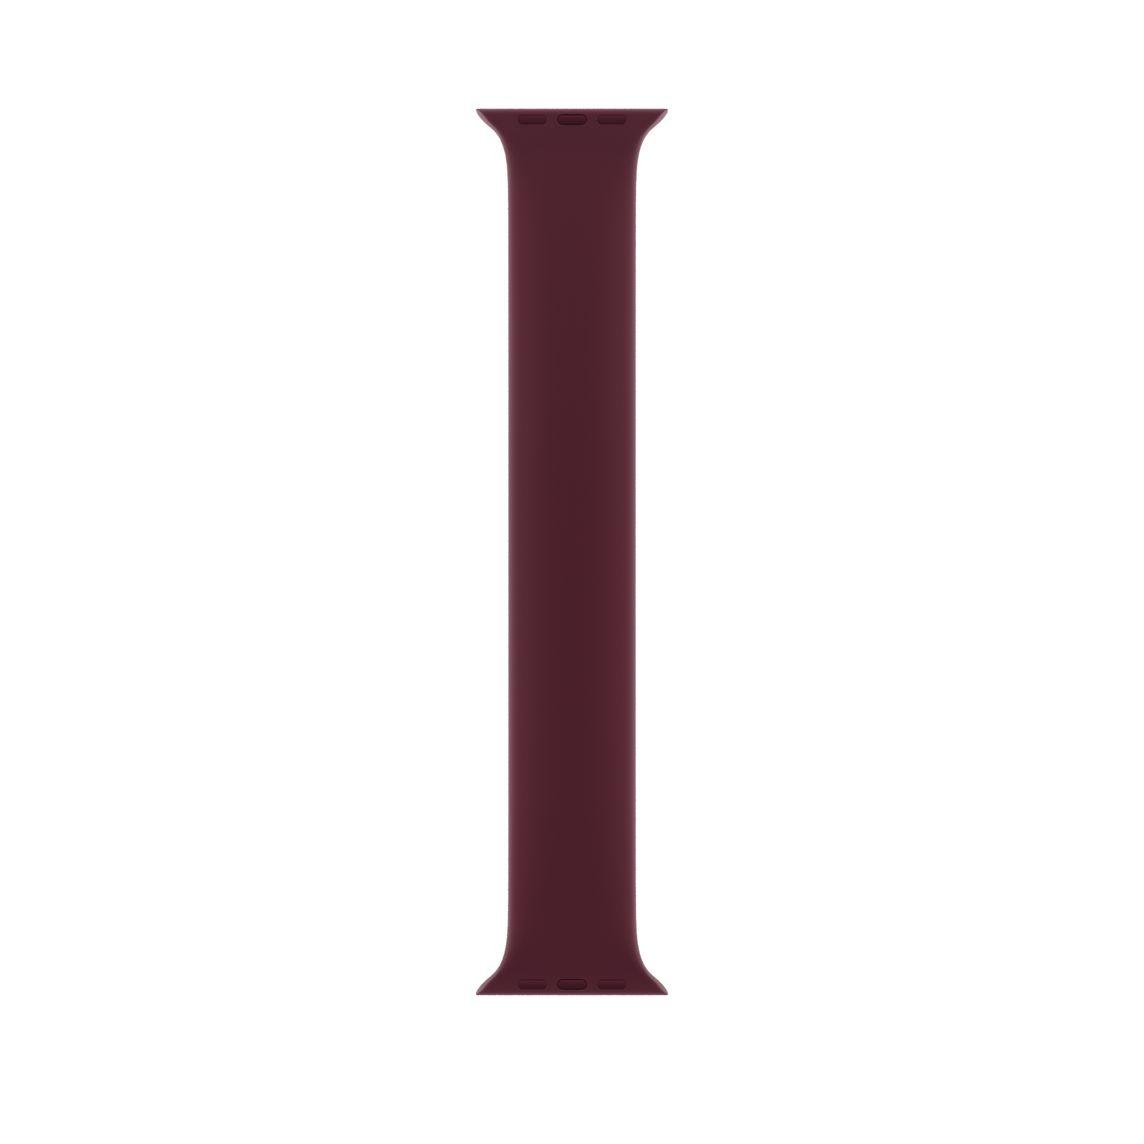 Integrada - 1